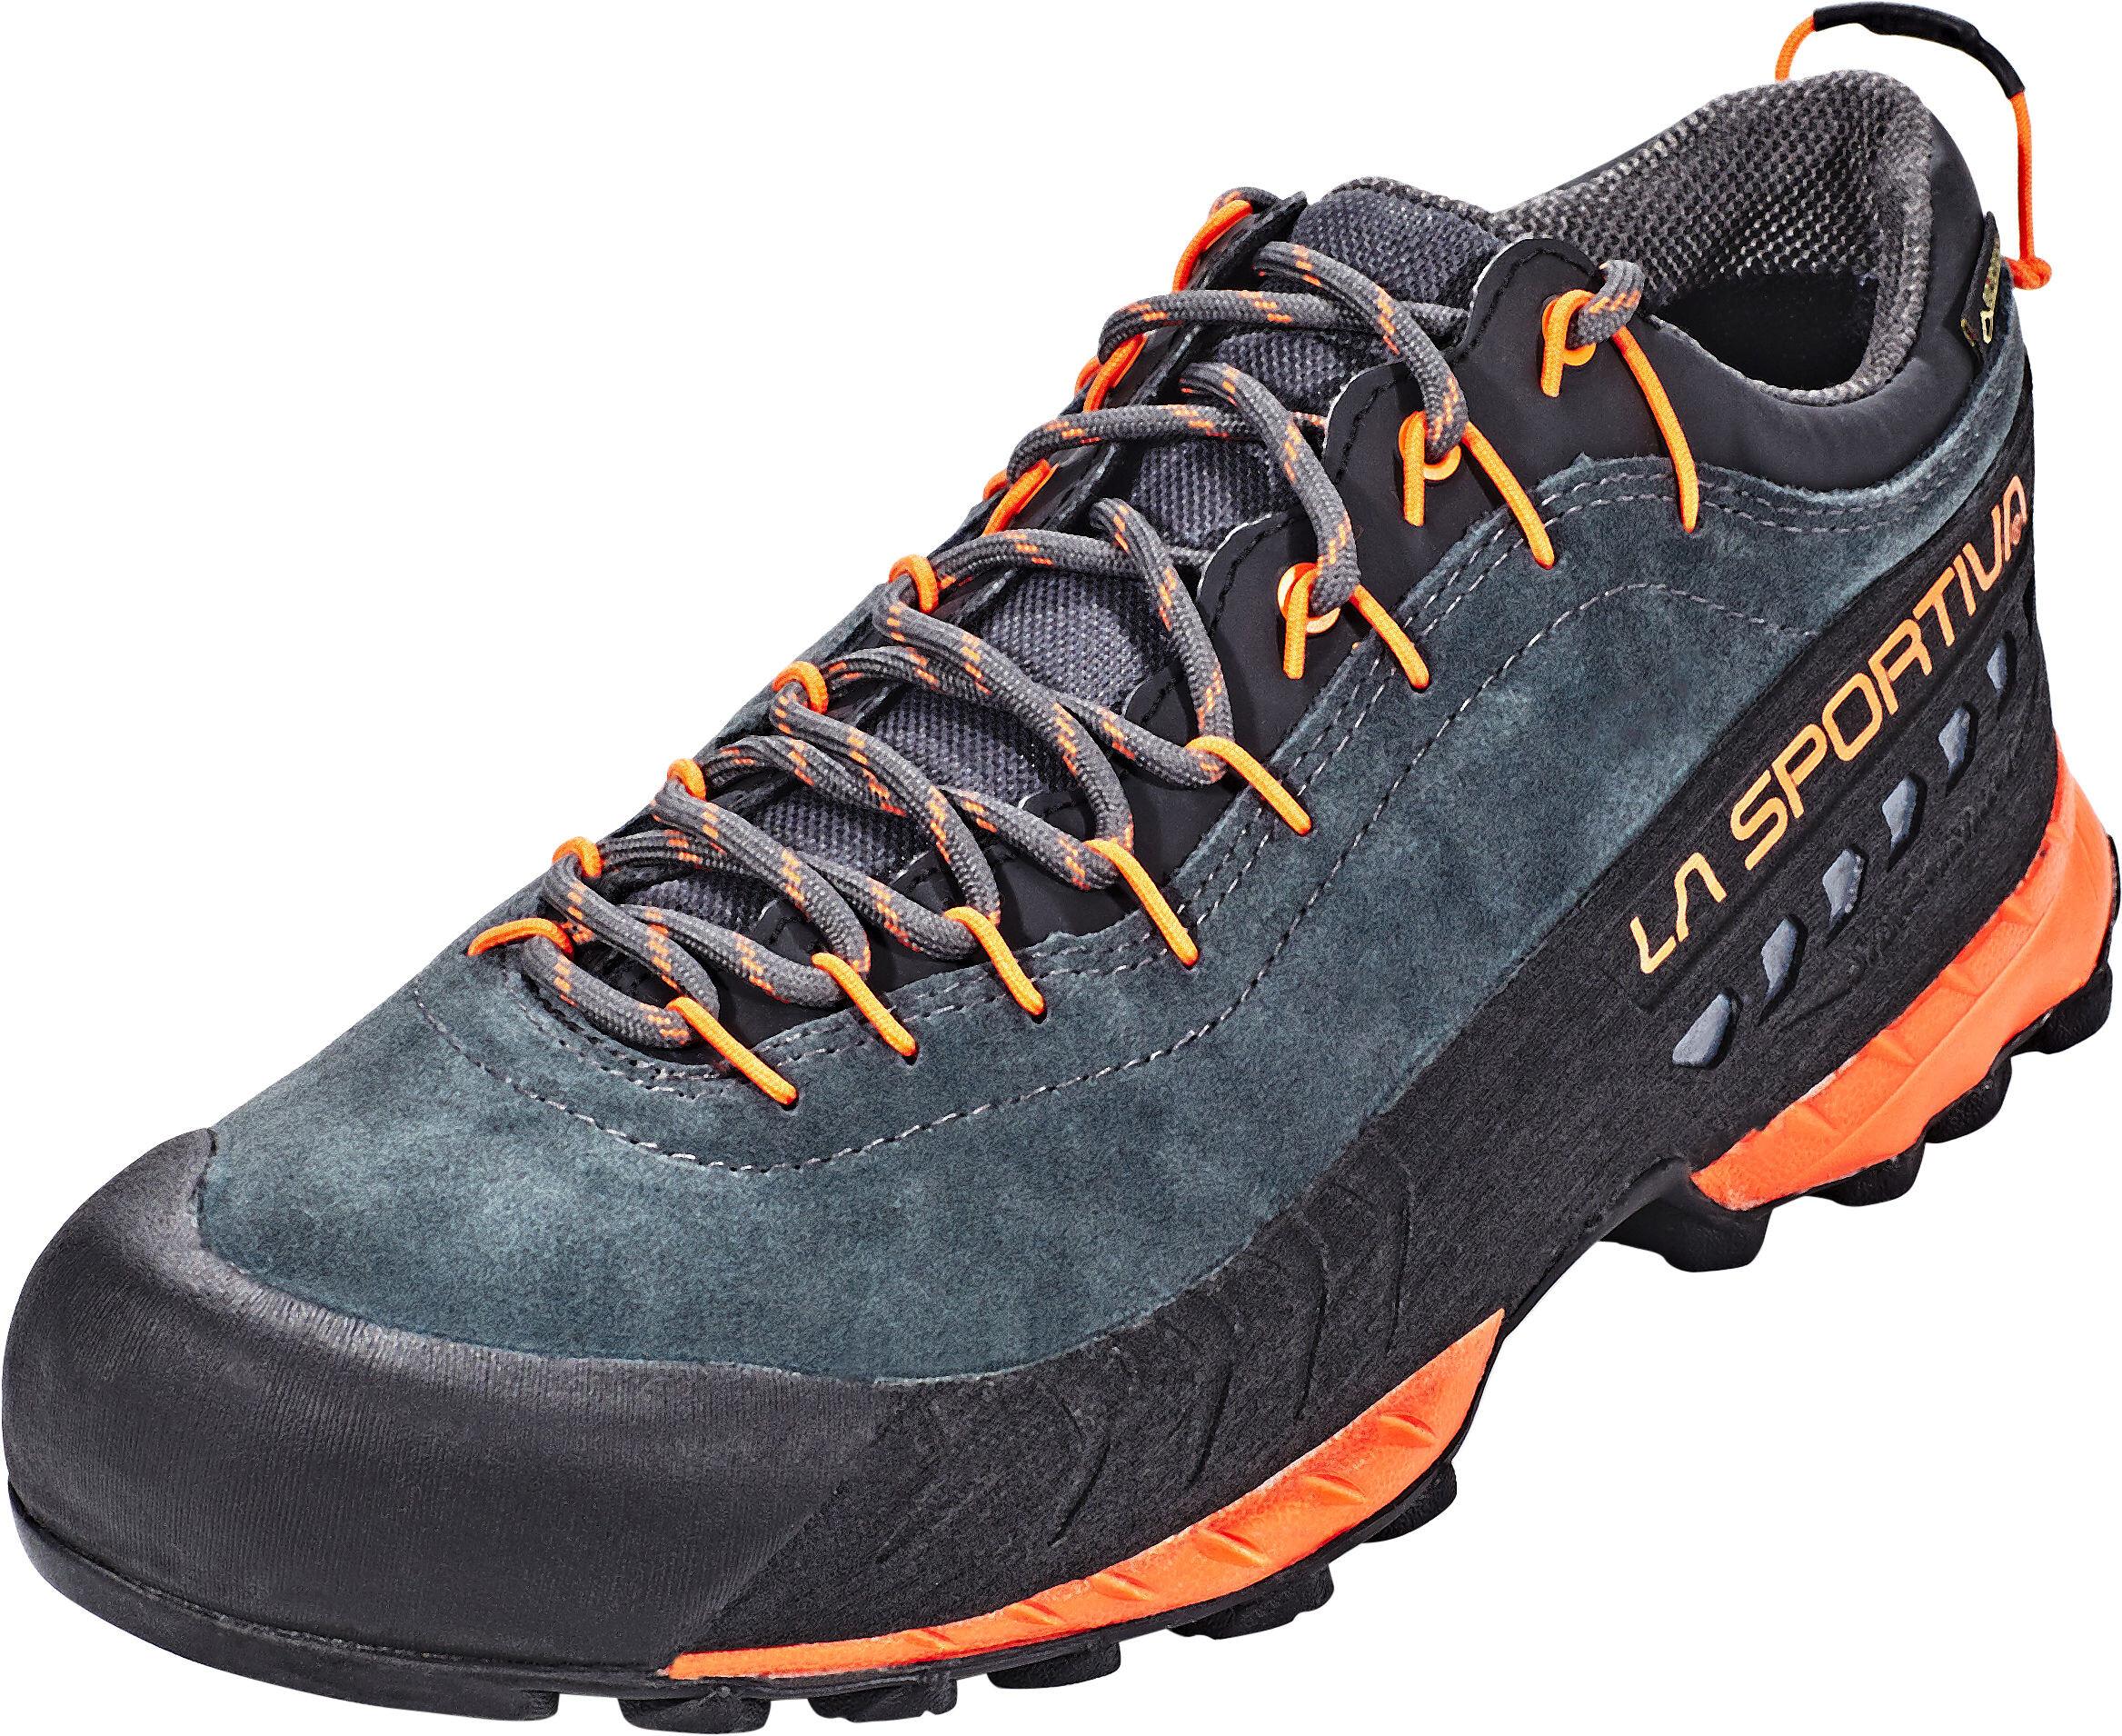 Chaussures de Montagne Homme LA SPORTIVA Tx4